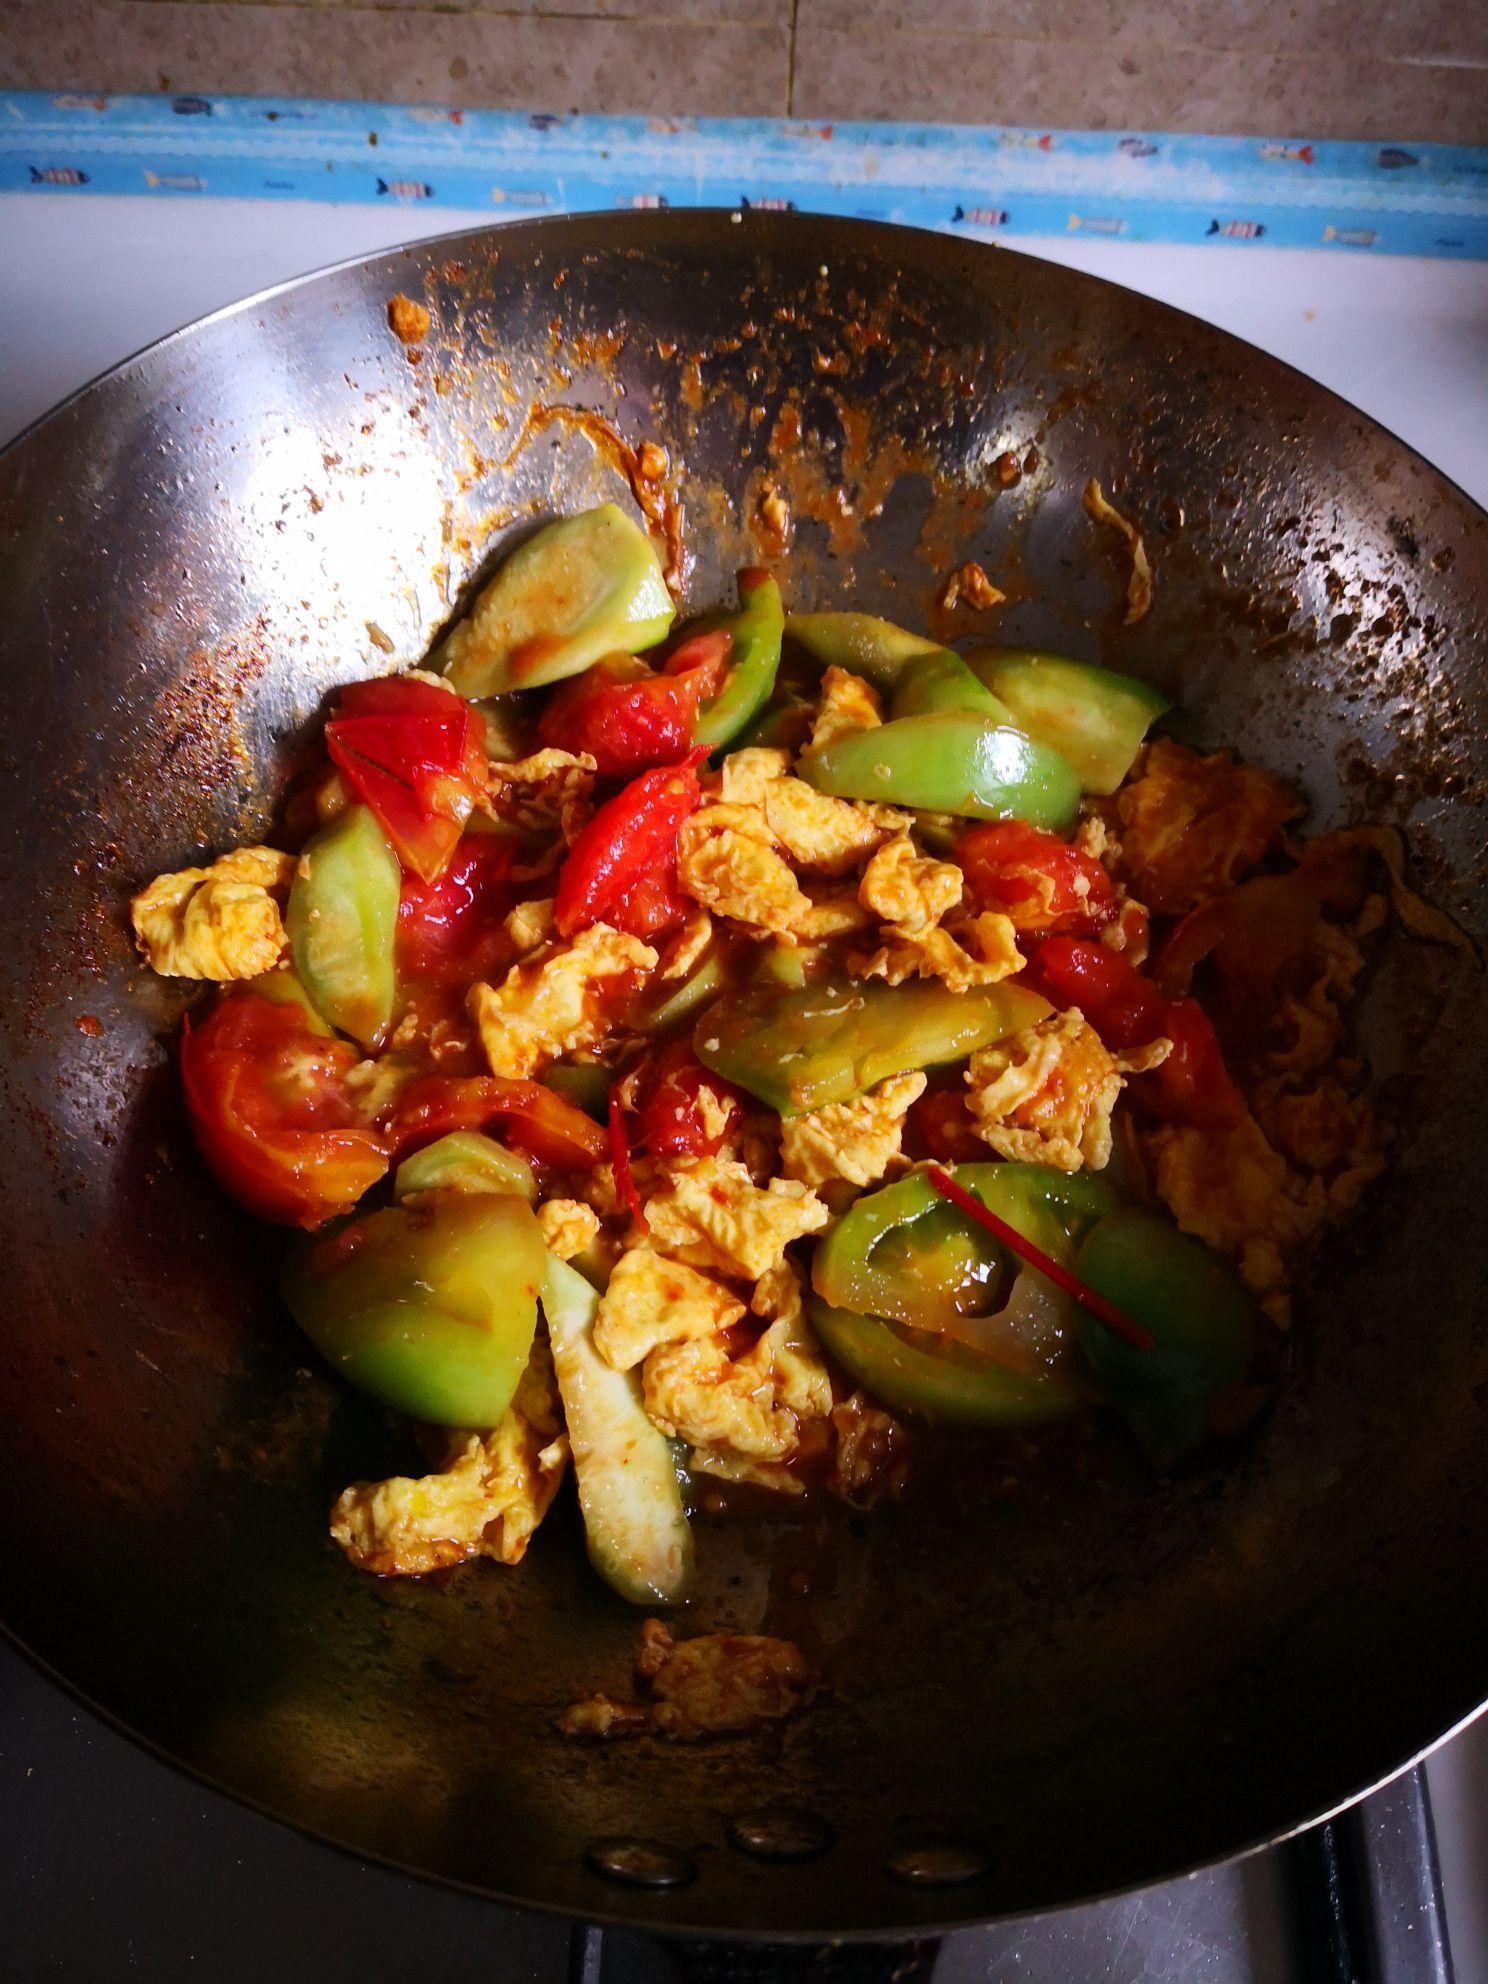 丝瓜炒番茄怎么煮